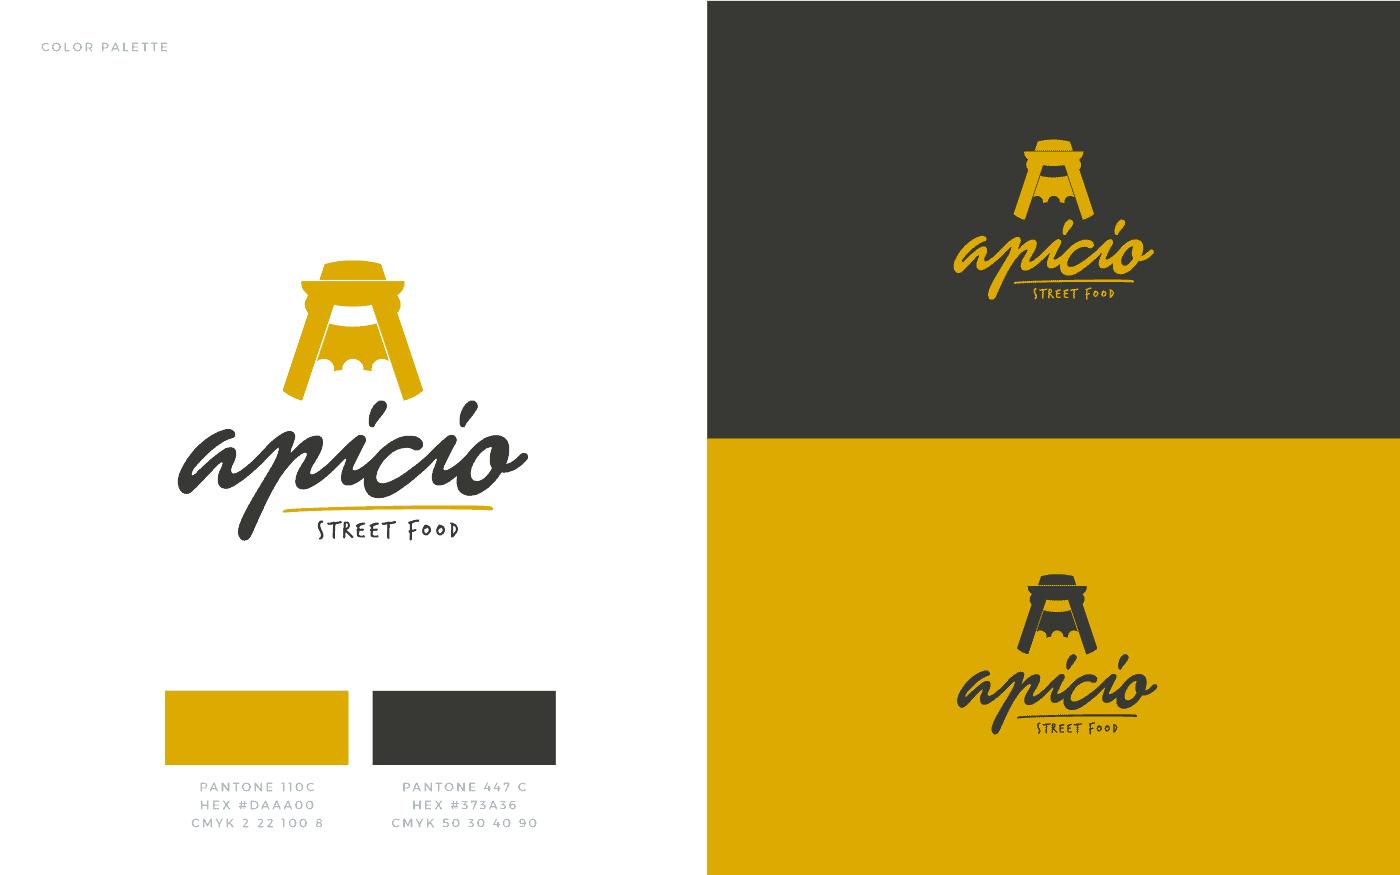 Apicio Street Food Logo Color Palette